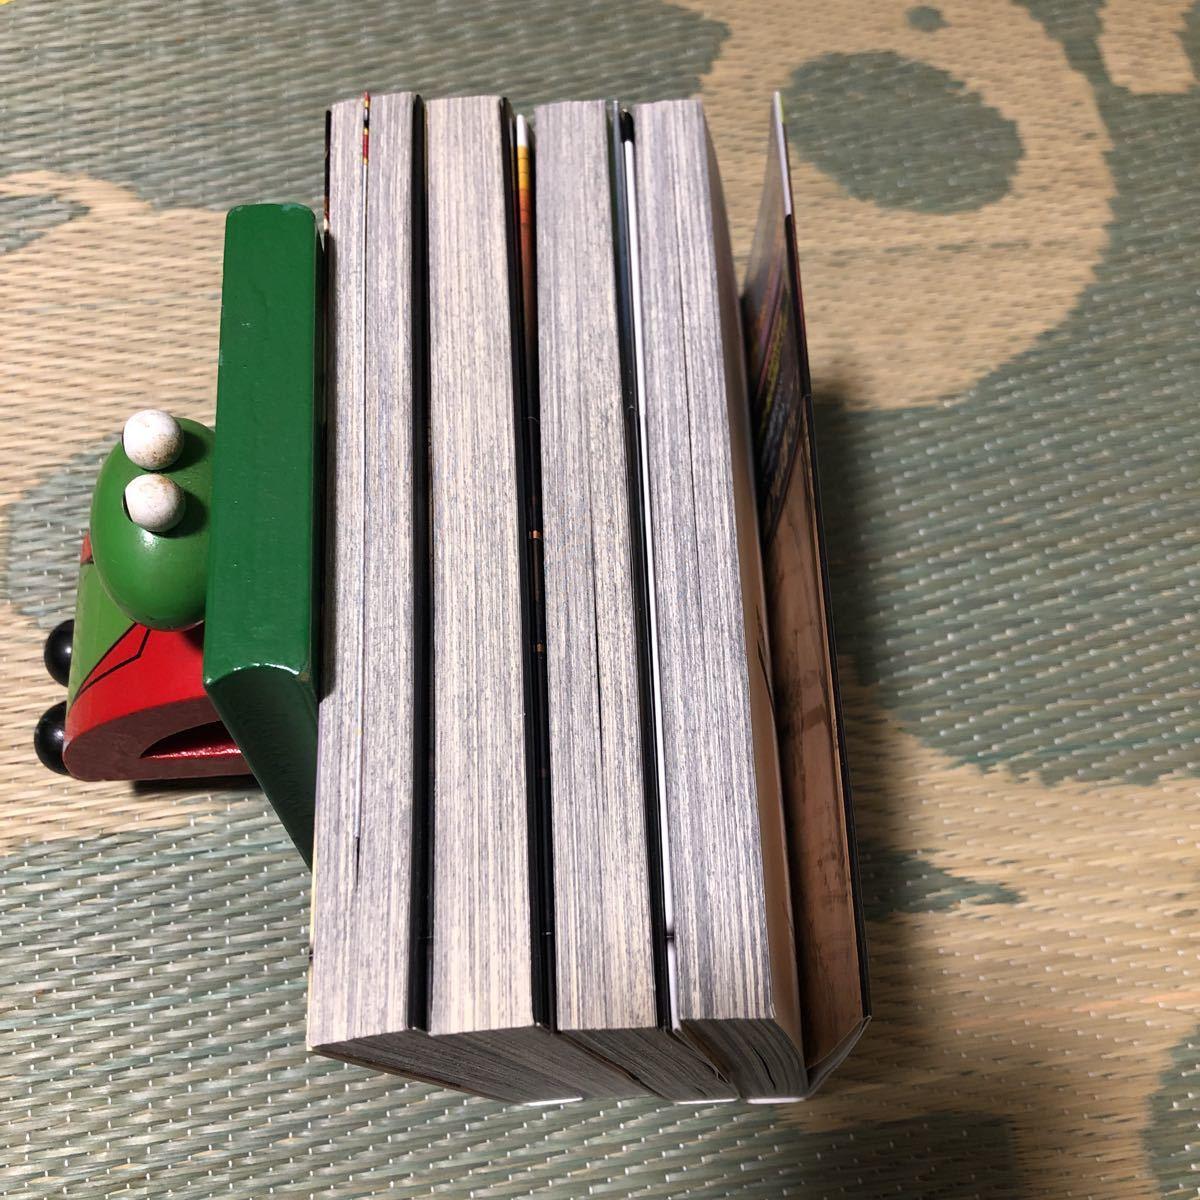 進撃の巨人 進撃の巨人 12巻~15巻 限定版 初版 本のみ 4冊セット 中古 2